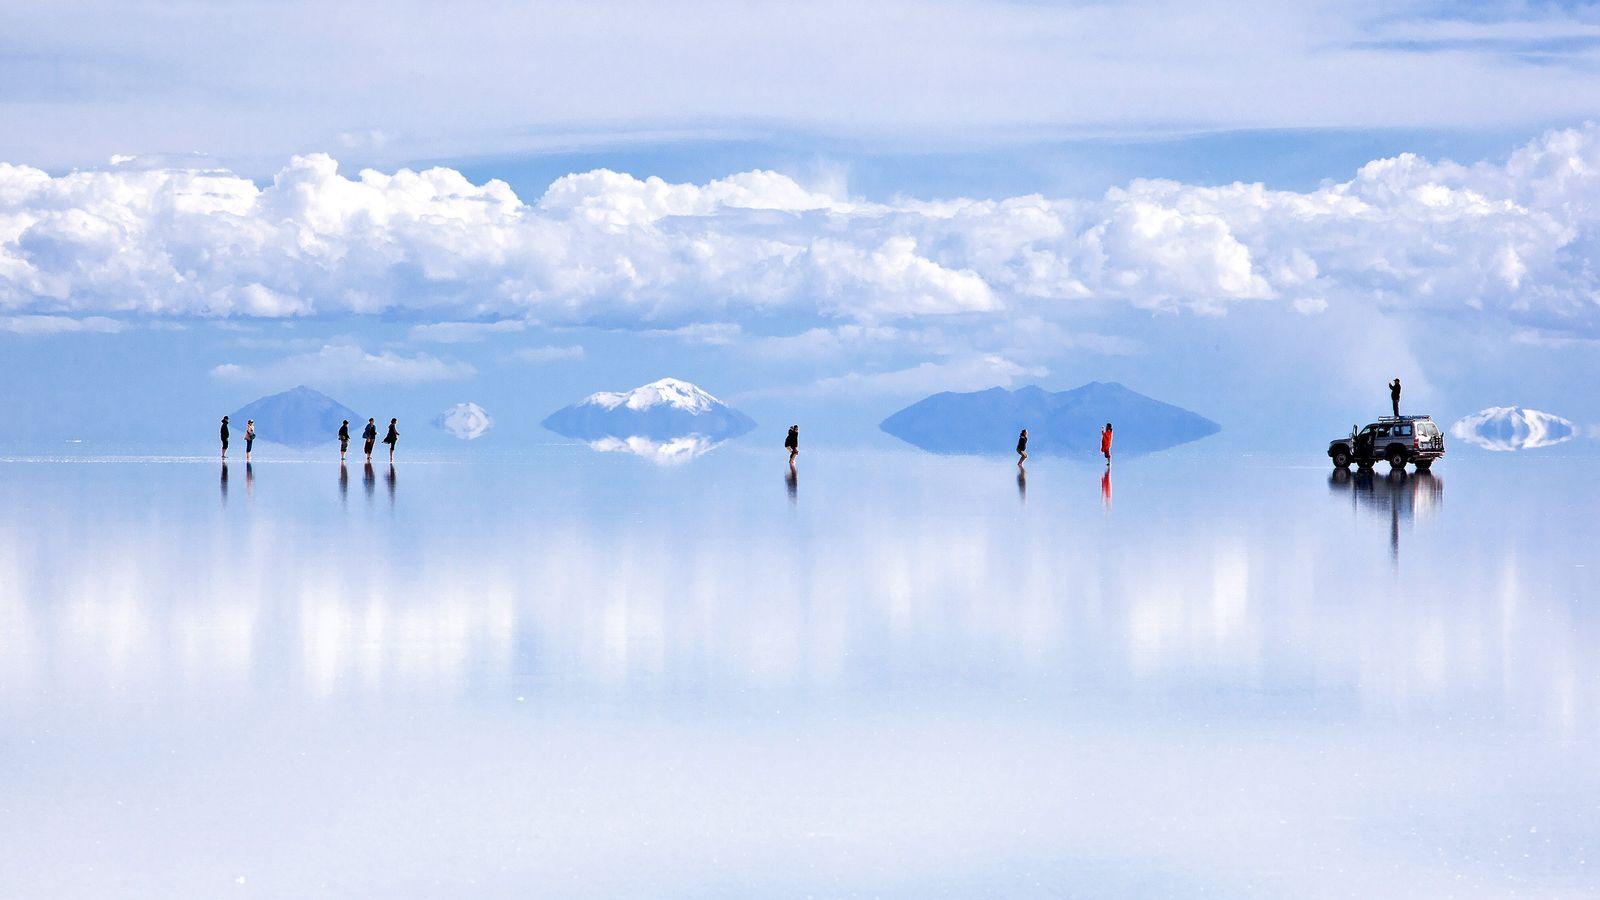 Uma fina camada de água transforma Salar de Uyuni, na Bolívia, numa tela de reflexos